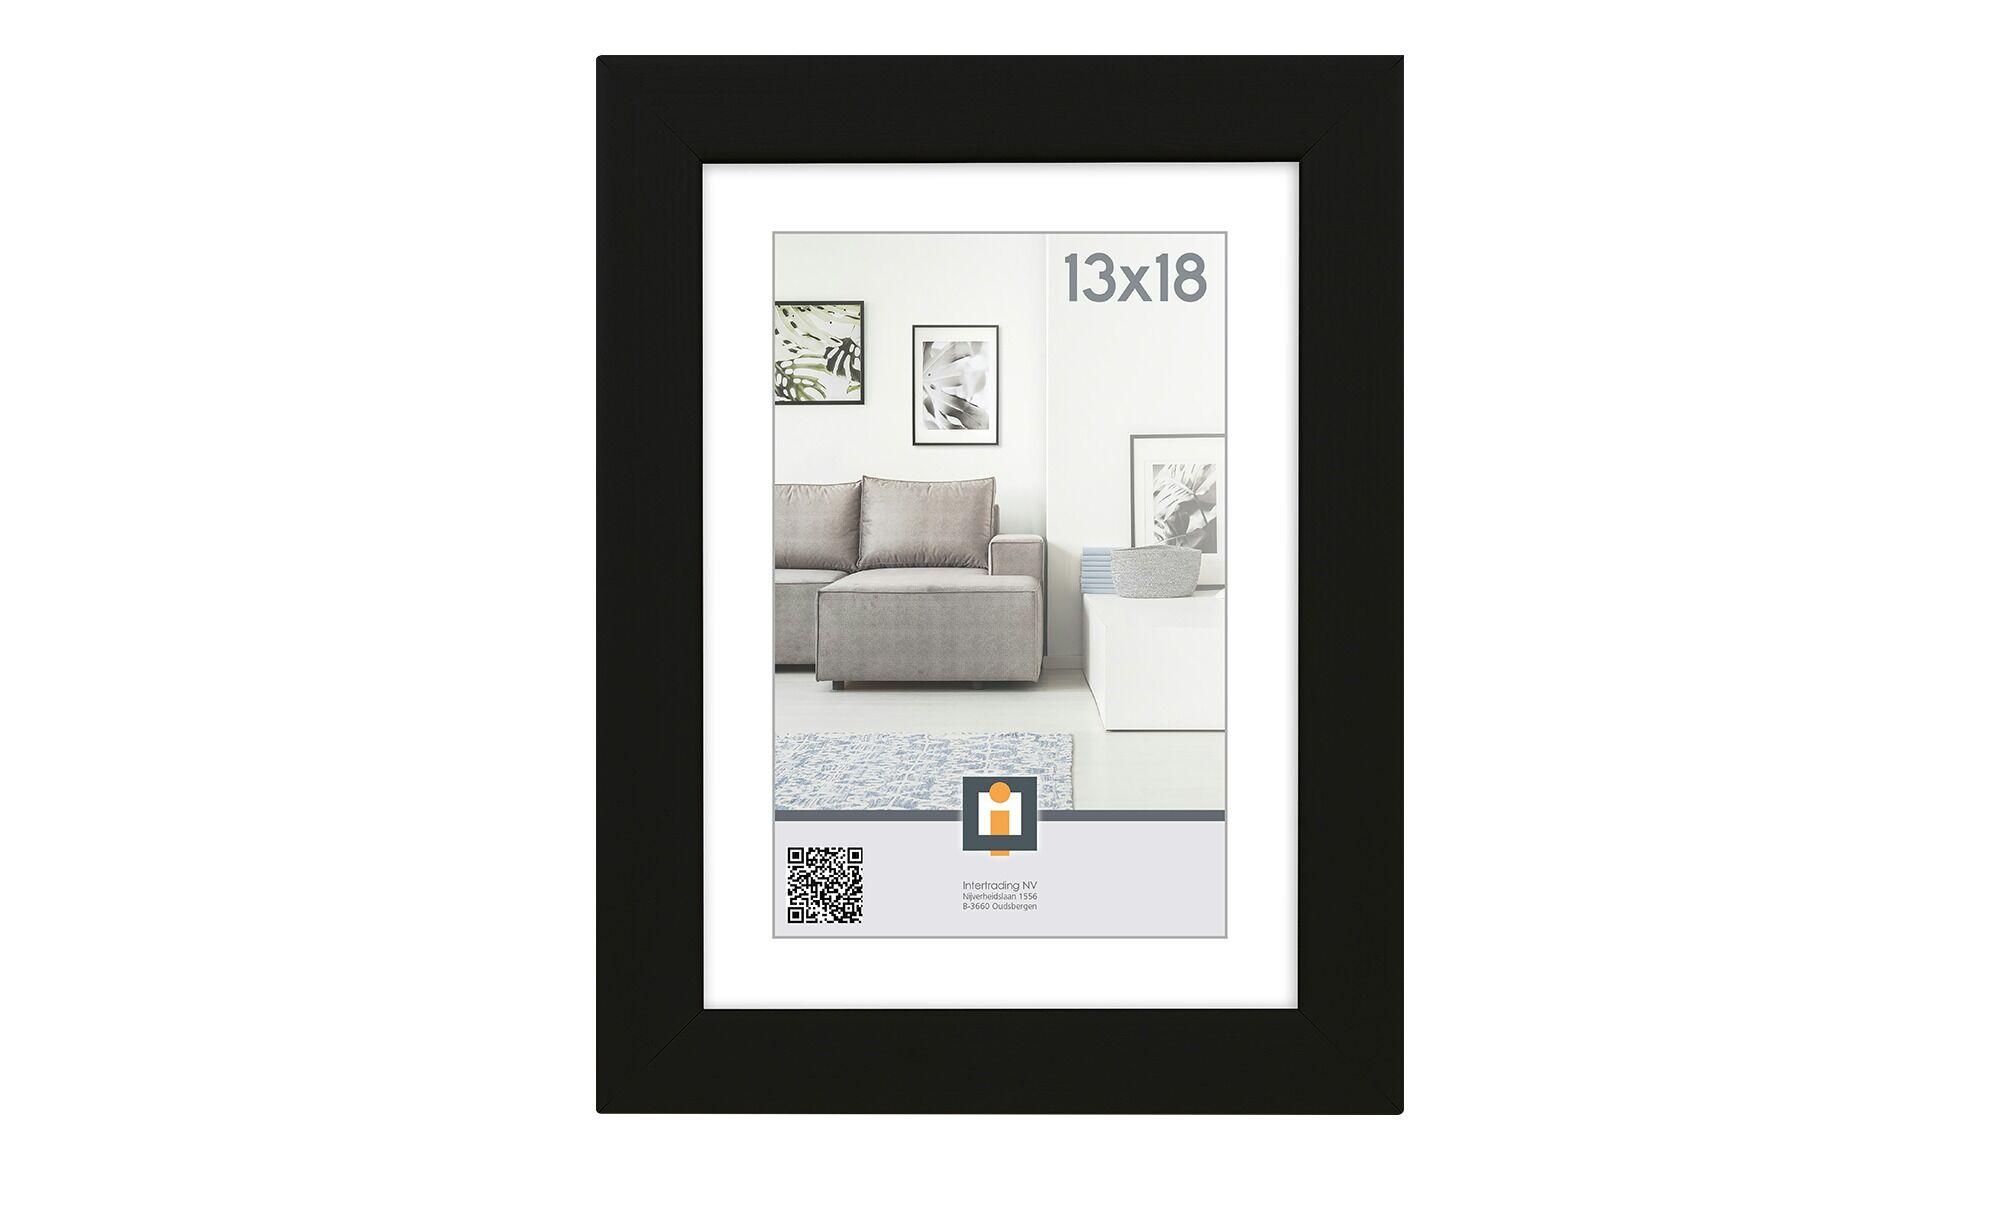 Höffner Bilderrahmen 13x18 cm  Livorno ¦ schwarz